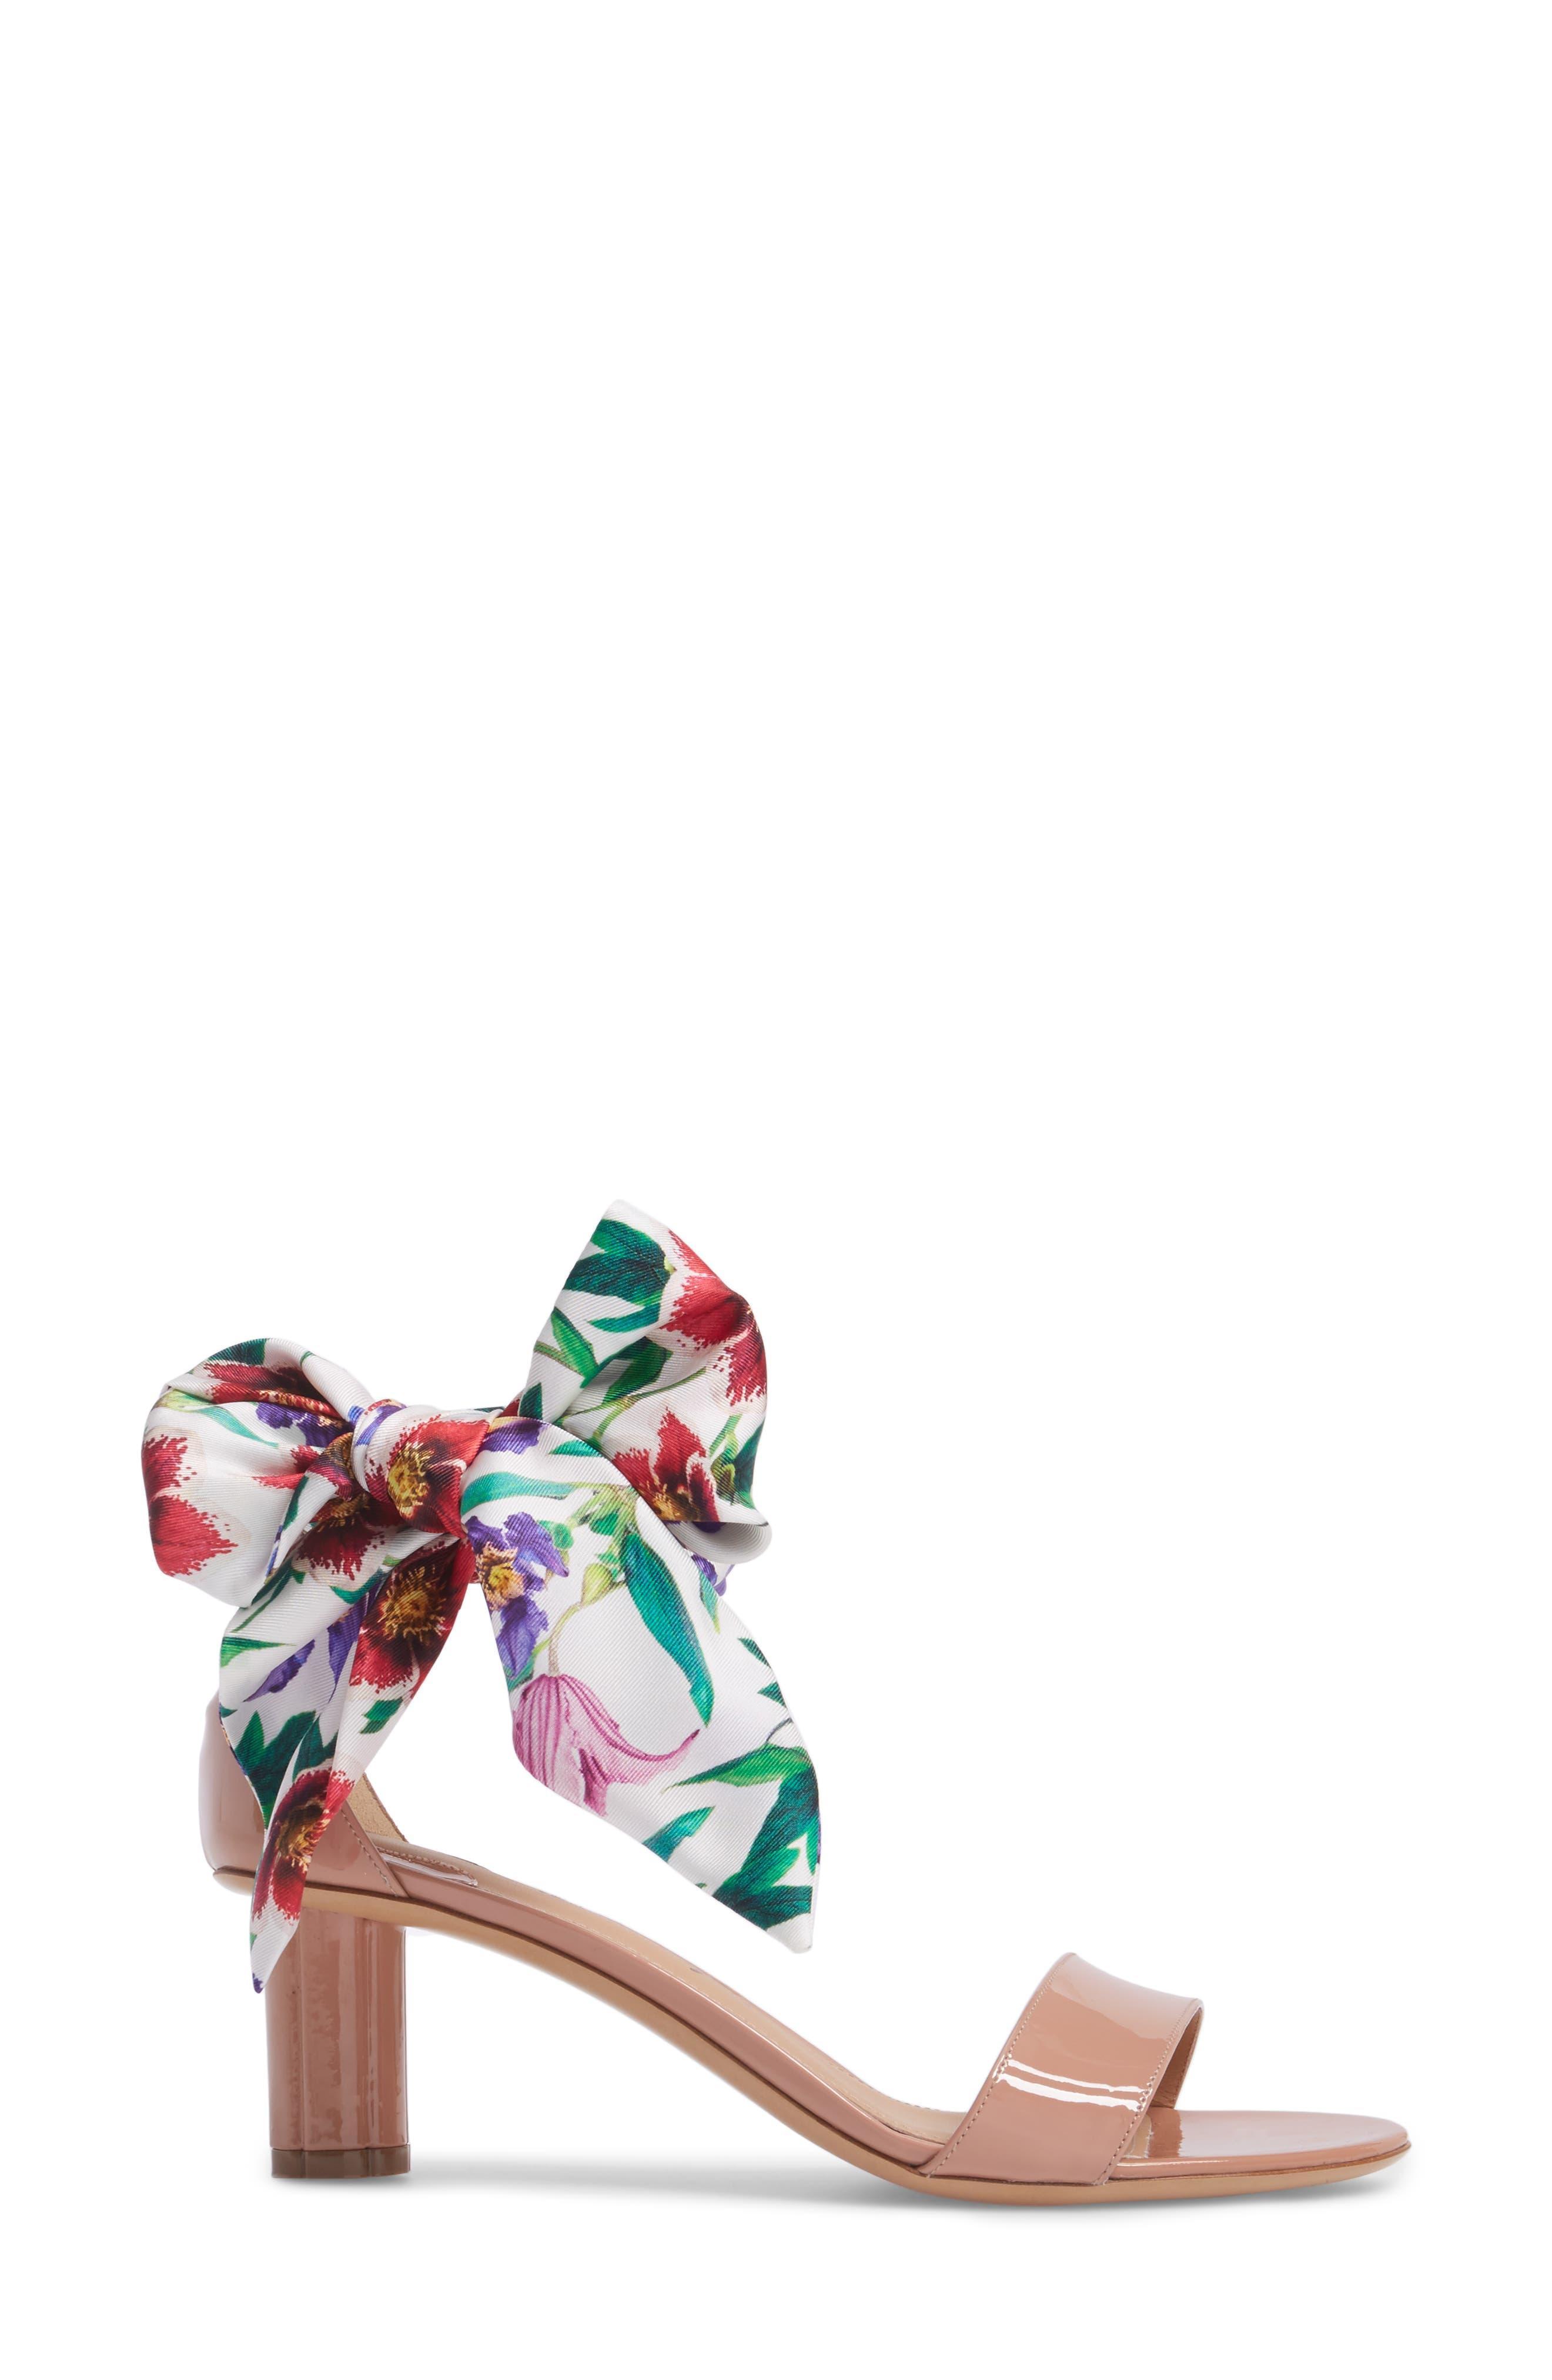 Tursi Sandal,                             Alternate thumbnail 3, color,                             NEW BLUSH